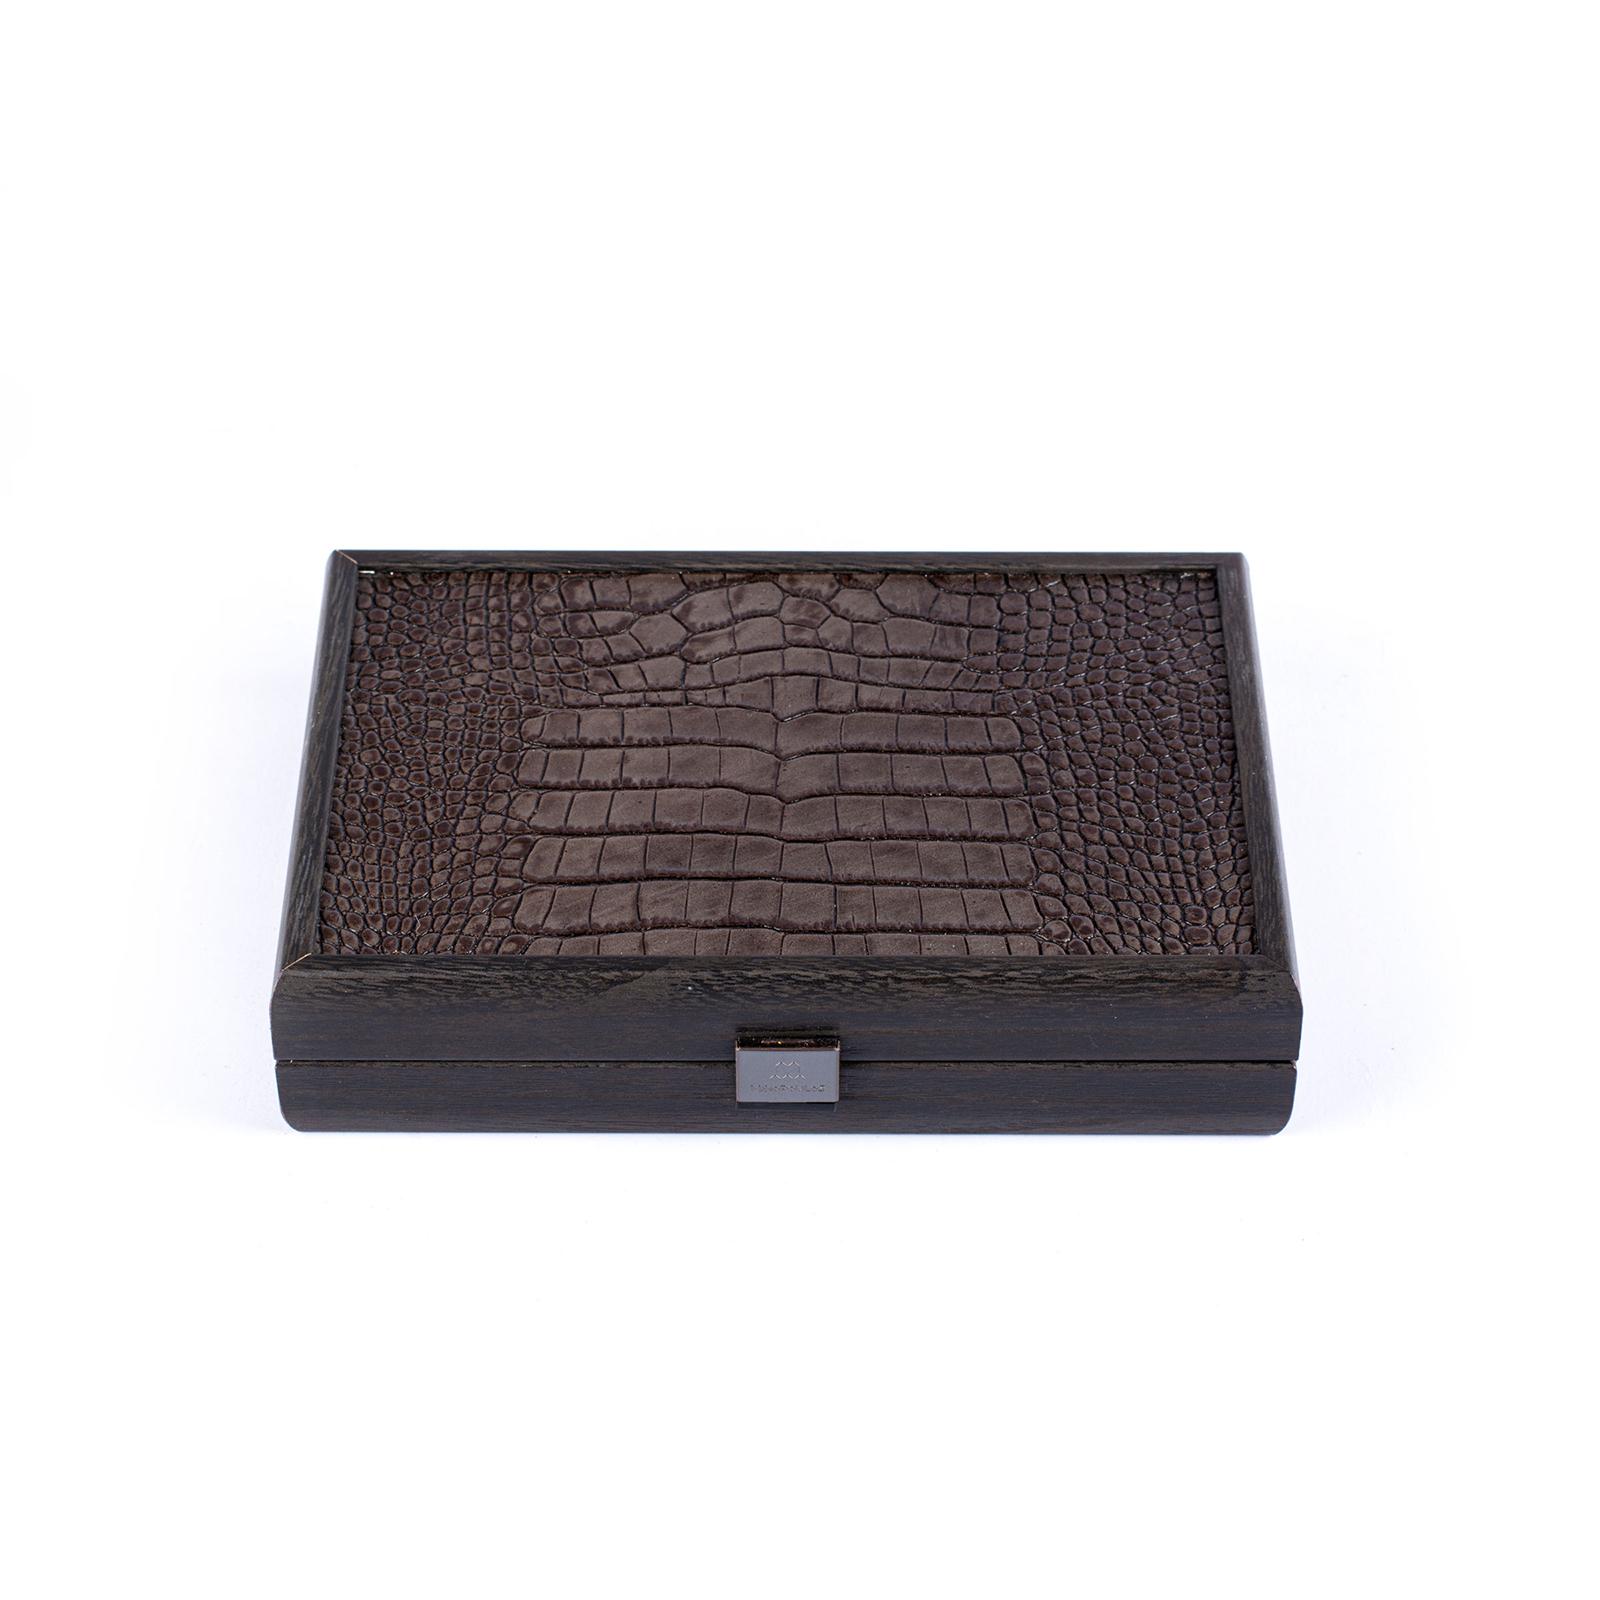 Spielkartenset in Holzbox mit Lederdeckel ausgelegt mit feinem Velour